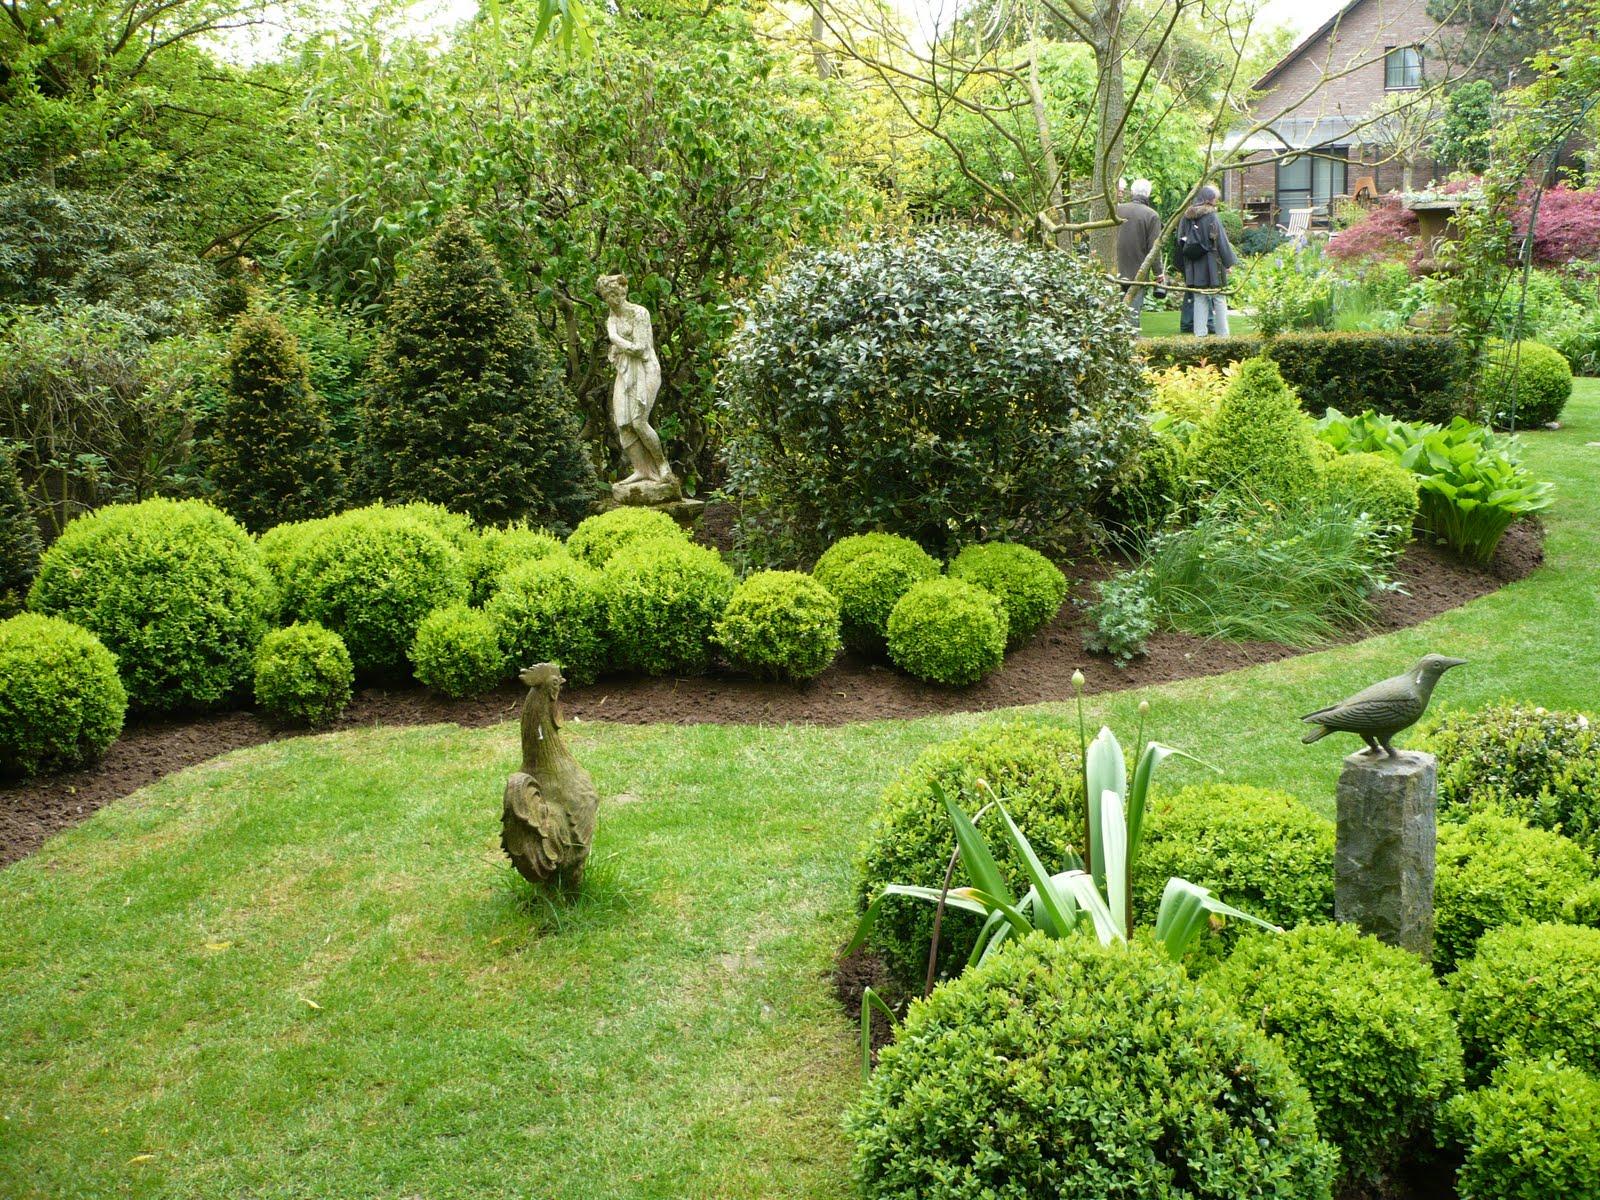 Balades dans de beaux jardins jardin de vic et anne for Beaux arbres de jardin